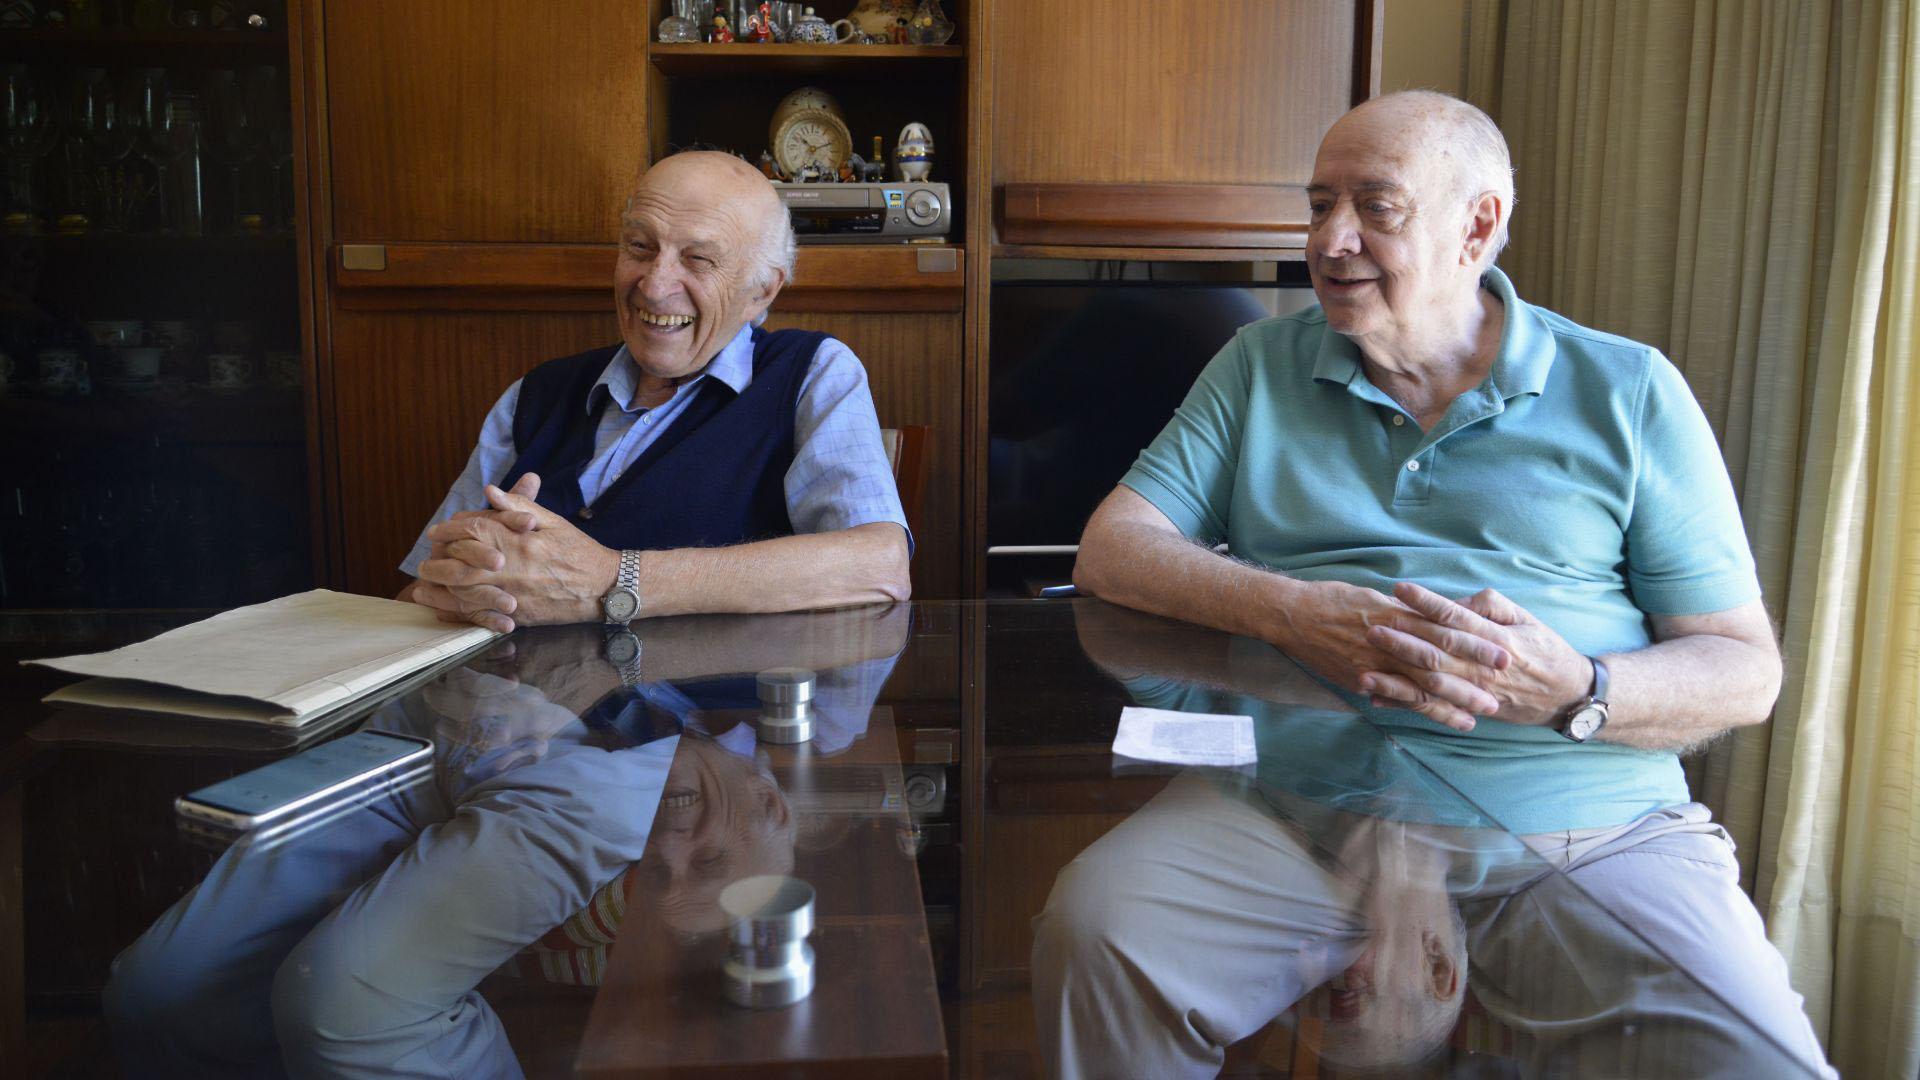 Desde hace 20, todos los sábados, Arnaldo viaja desde Ramos Mejía hasta Villa Ortúzar para pasar las mañanas con Carlos en su casa de La Pampa y el pasaje China